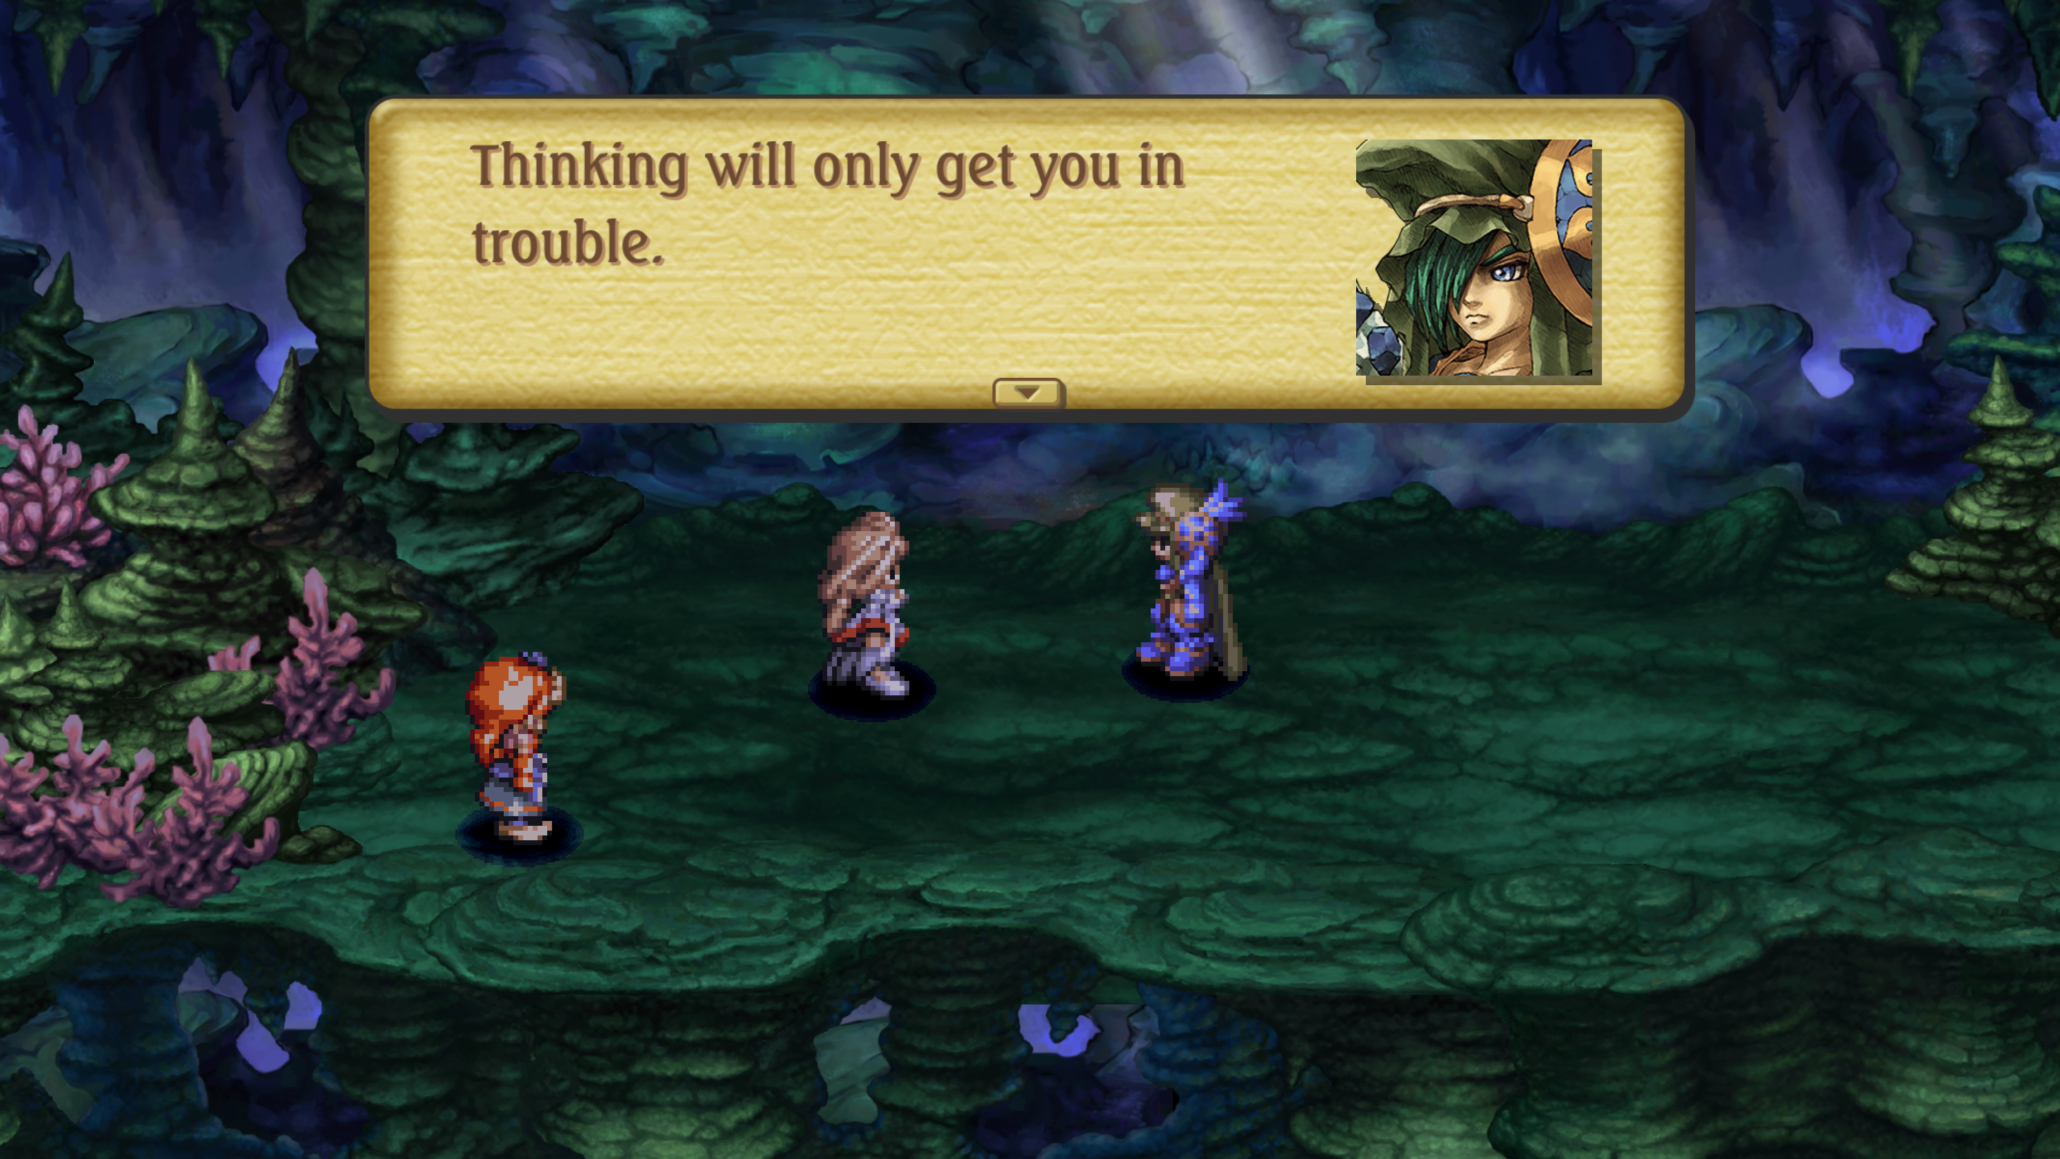 legend-of-mana-thinking